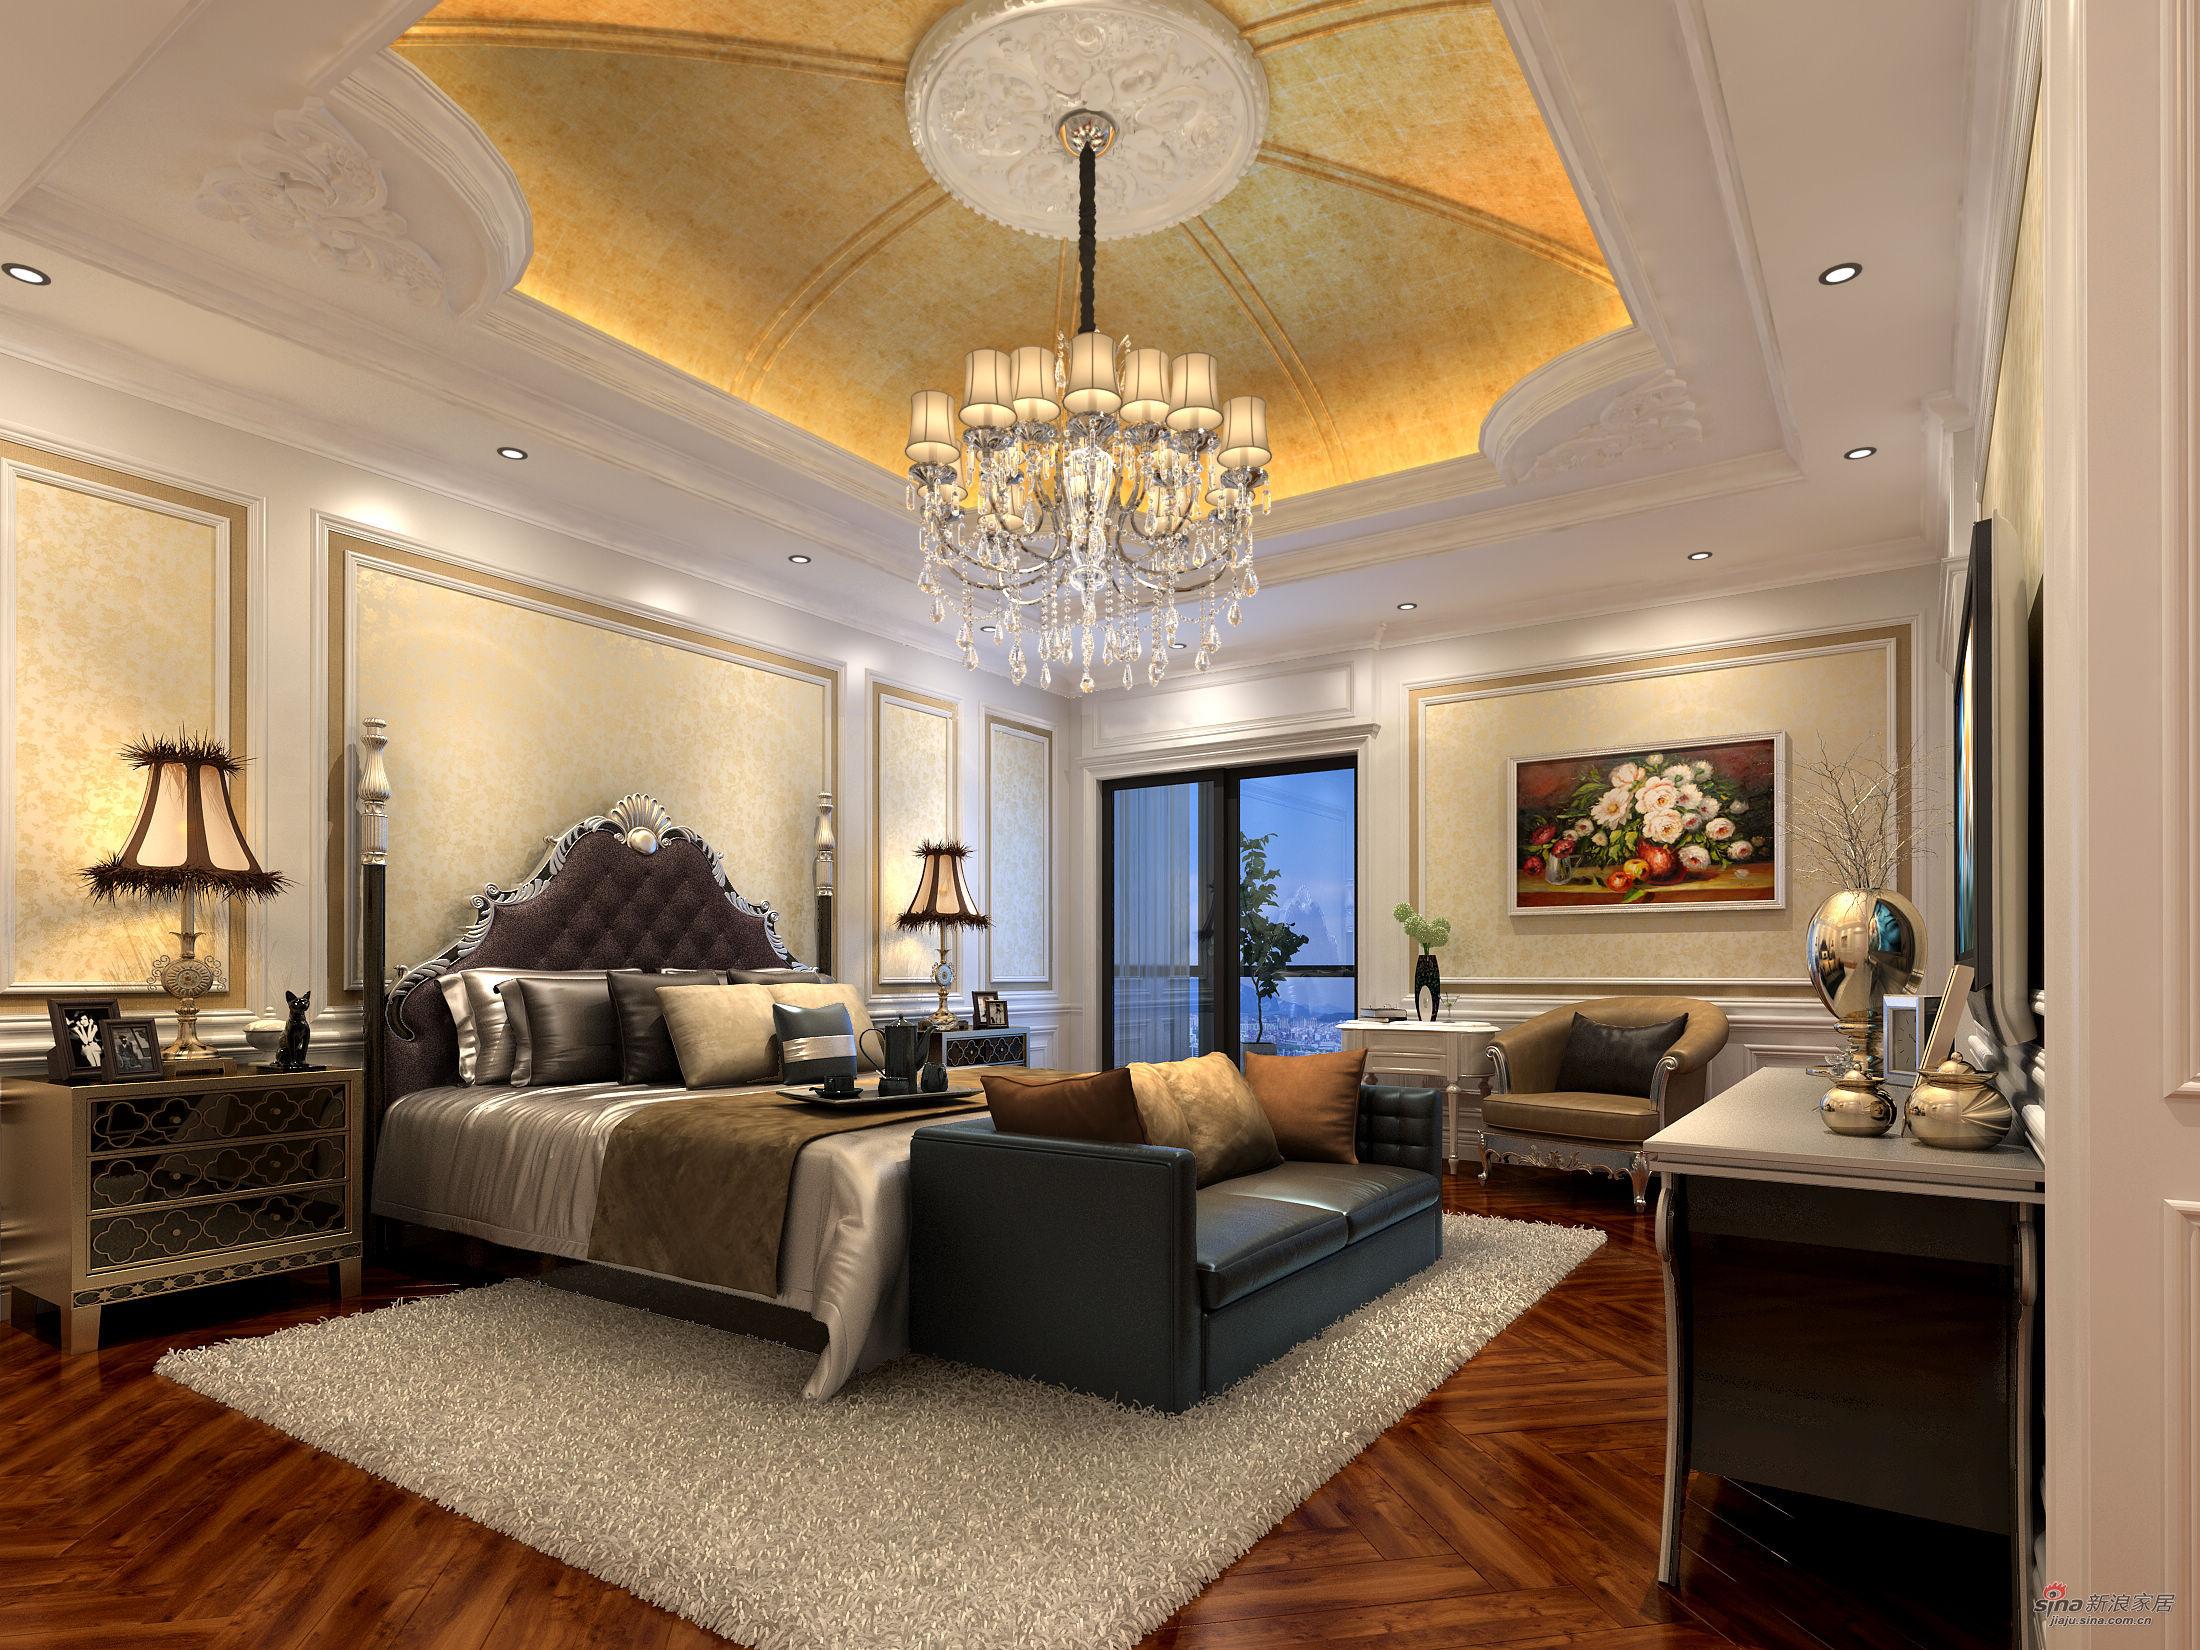 新古典 别墅 卧室 公主房图片来自用户1907701233在提香.草堂大别墅新古典典范43的分享